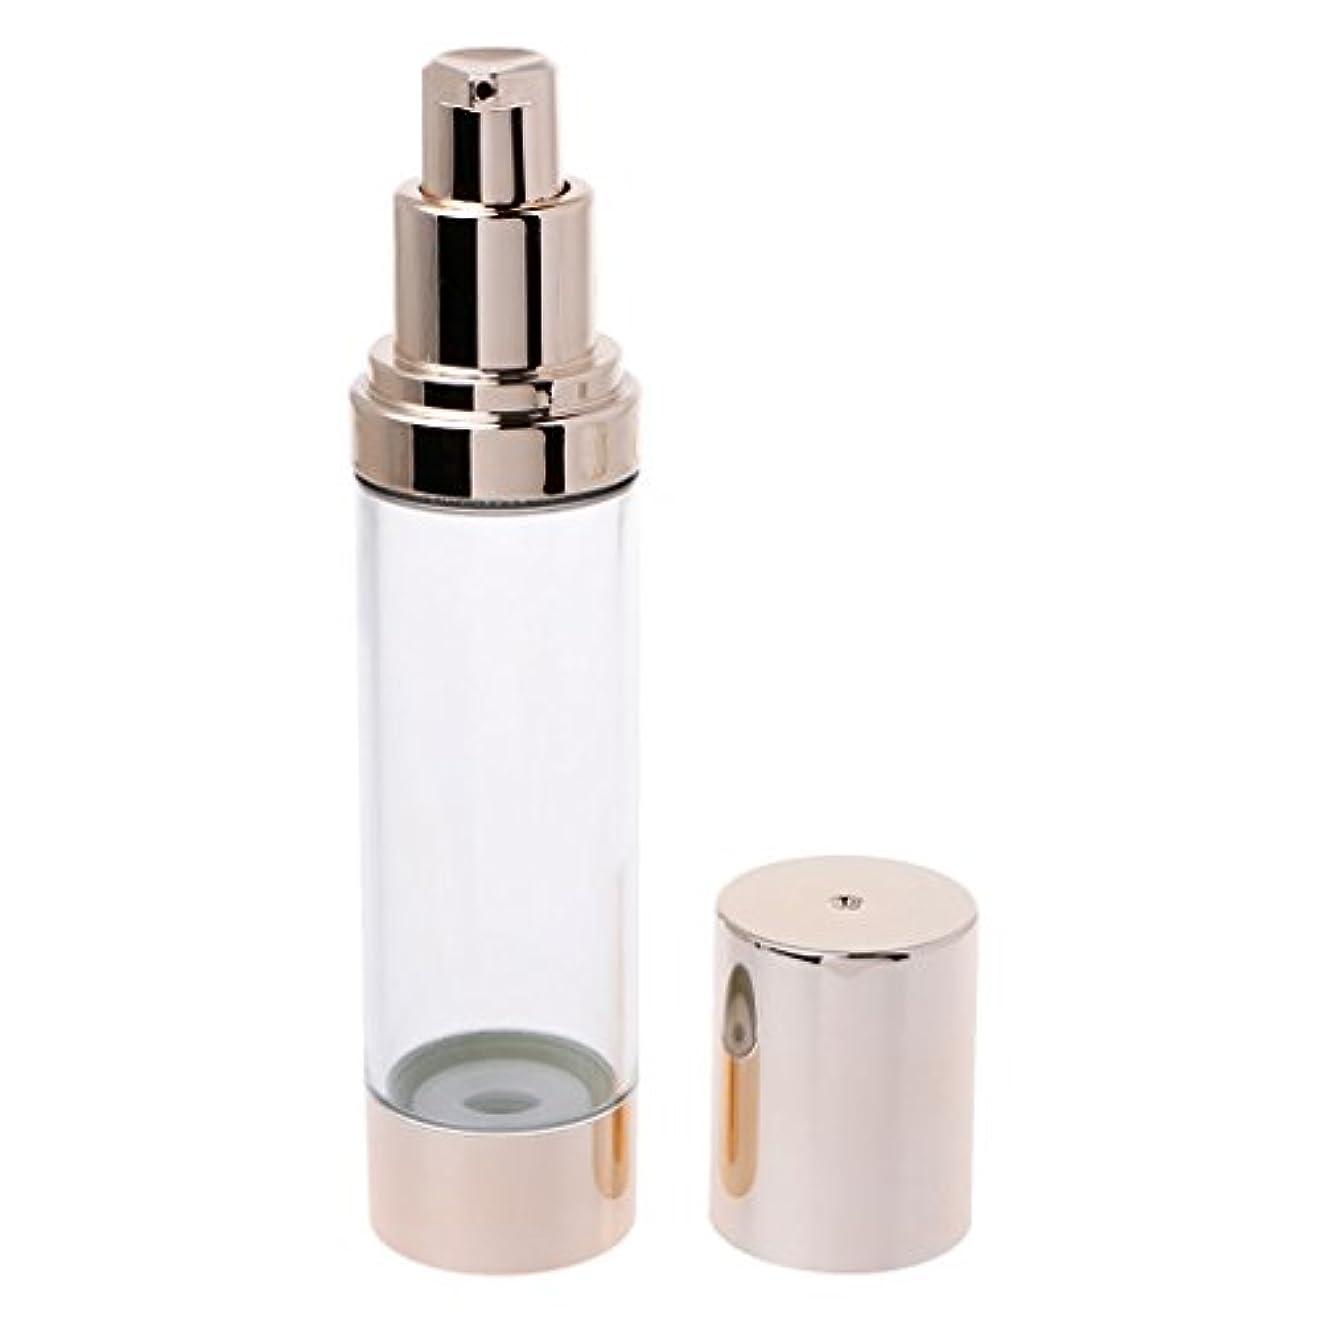 議会誇大妄想反毒Dabixx 15/30 / 50ML空化粧品エアレスボトルプラスチック処理ポンプトラベルボトル - 50ML